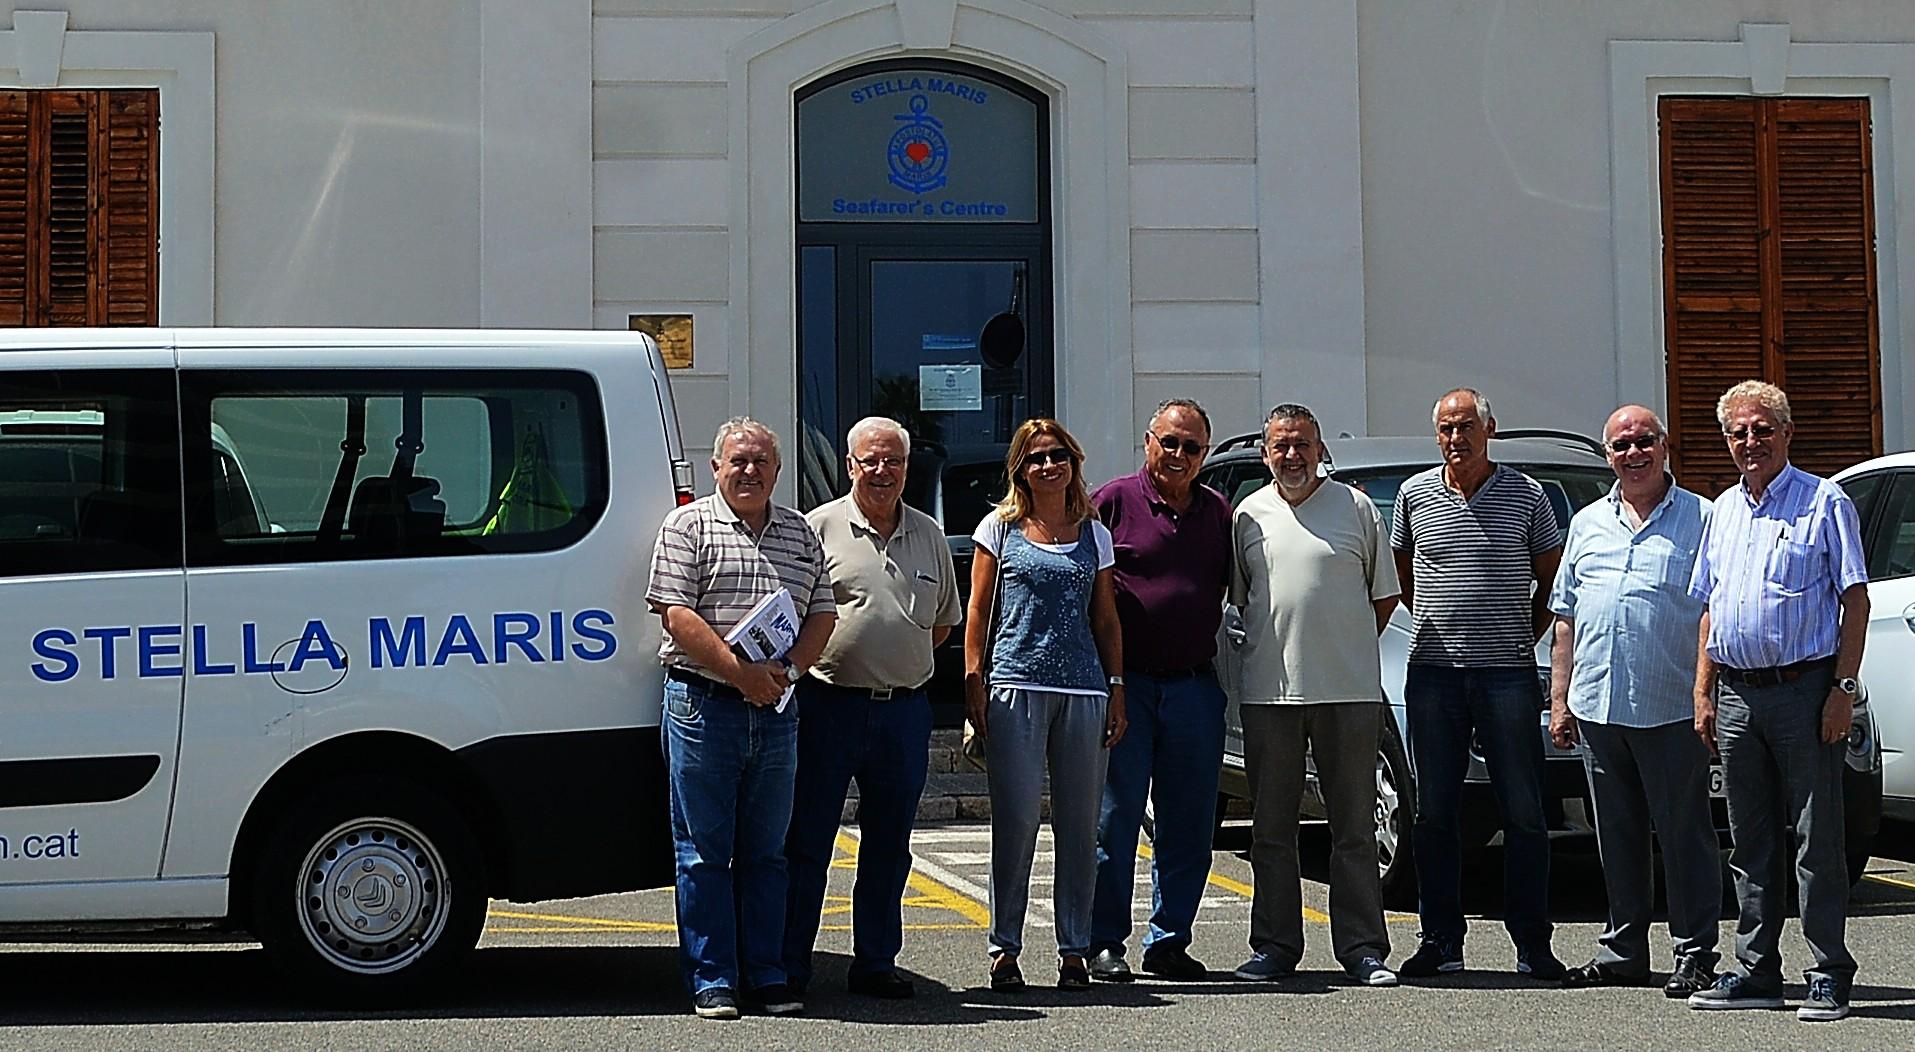 Foto conjunta de miembros de Stella Maris Tarragona-Castellón